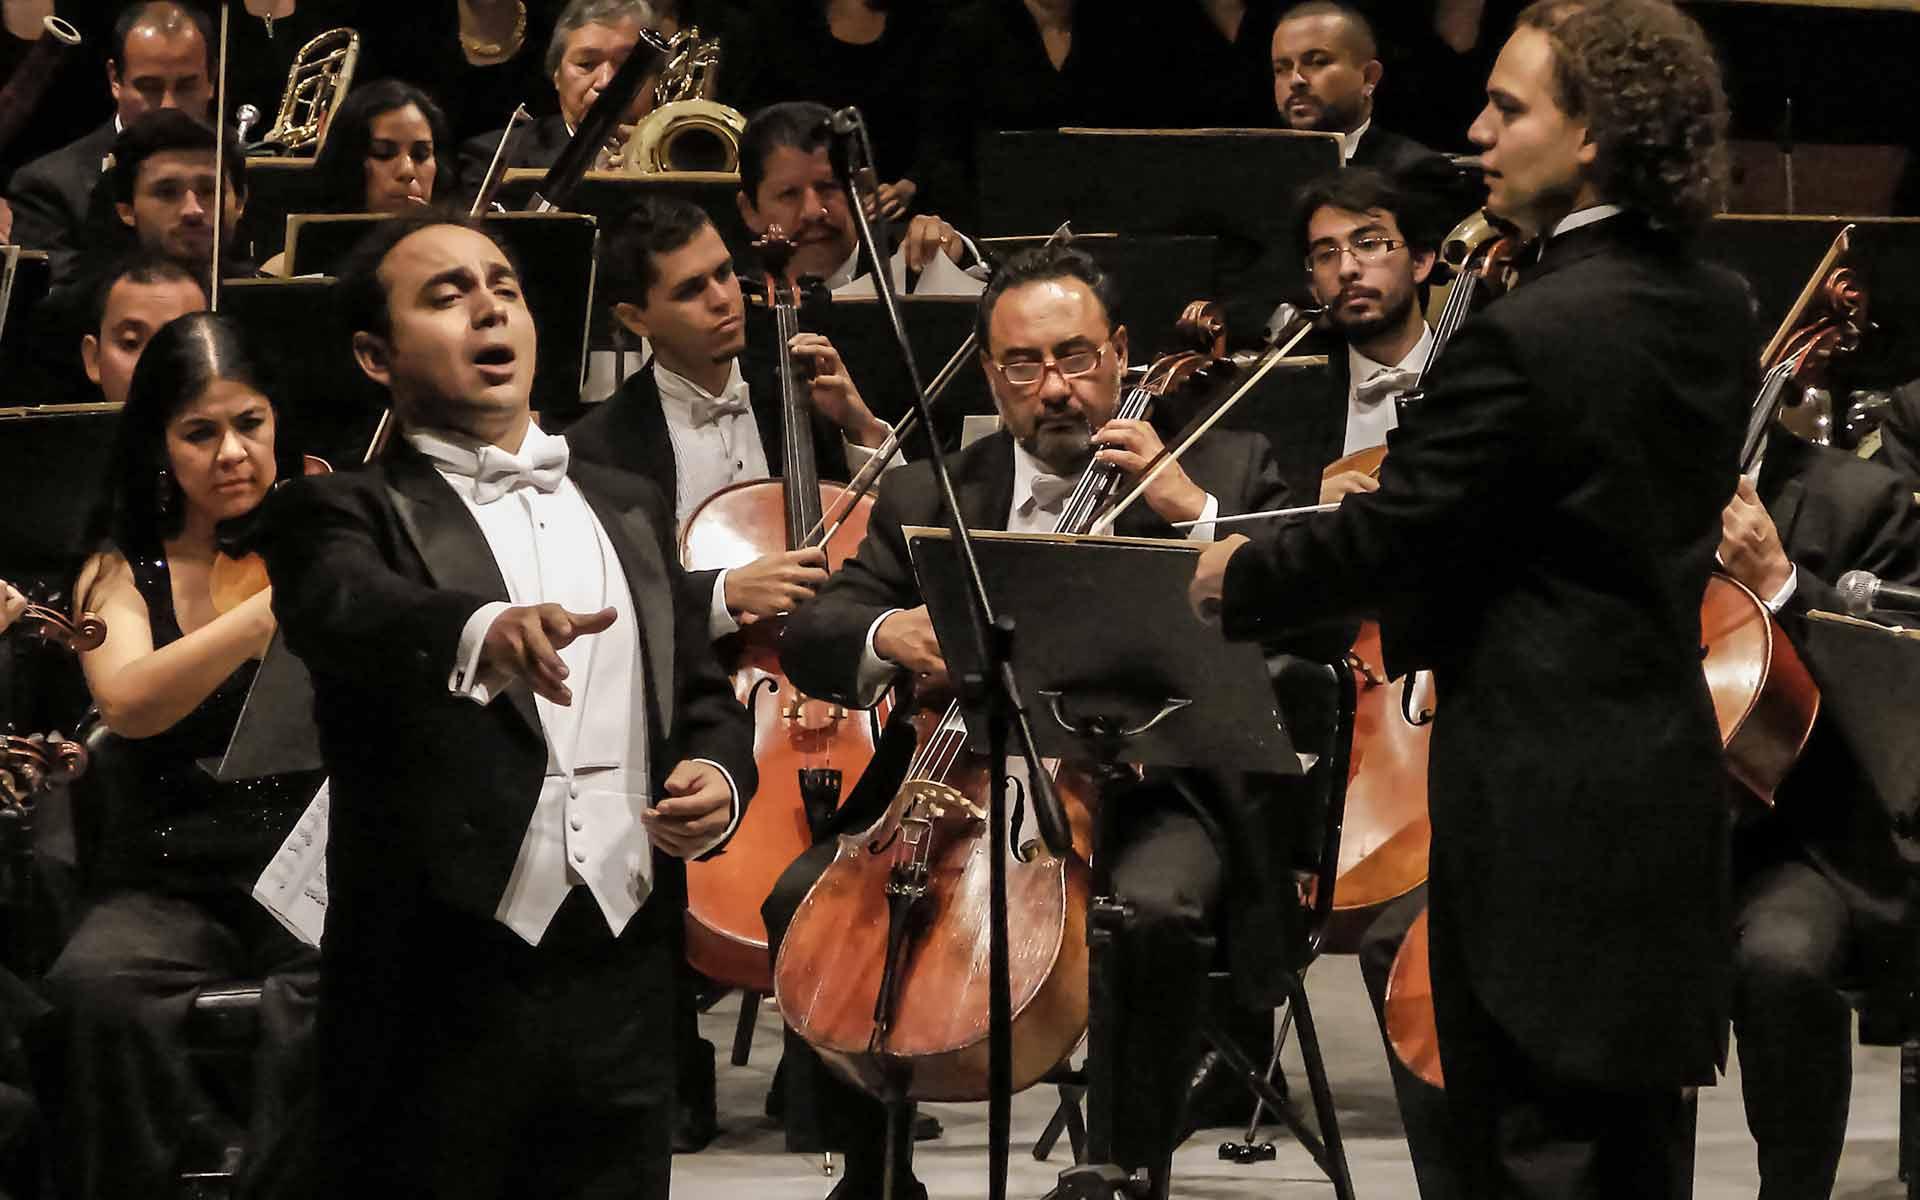 Anuncian I Festival Internacional de Ópera Michoacán 2014